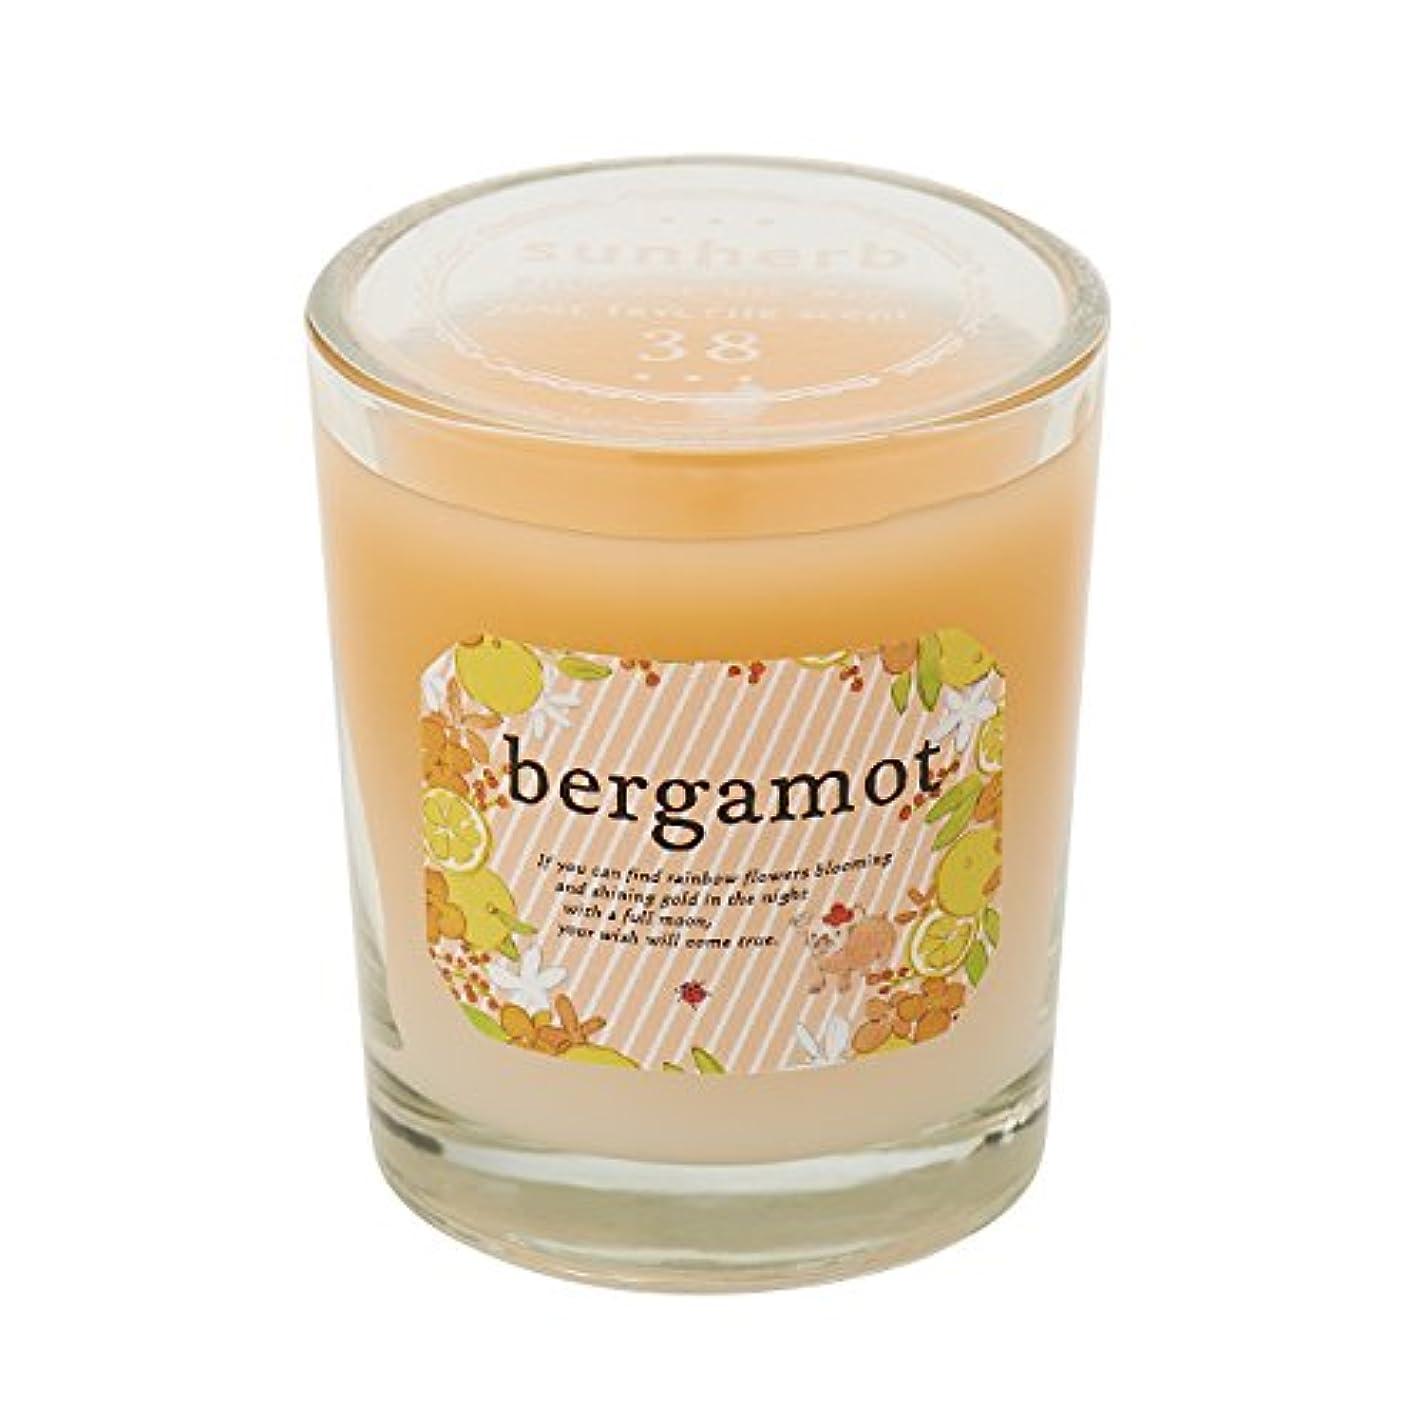 例外拡散する鈍いサンハーブ グラスキャンドル ベルガモット 35g(グラデーションろうそく 燃焼時間約10時間 懐かしい甘酸っぱい香り)